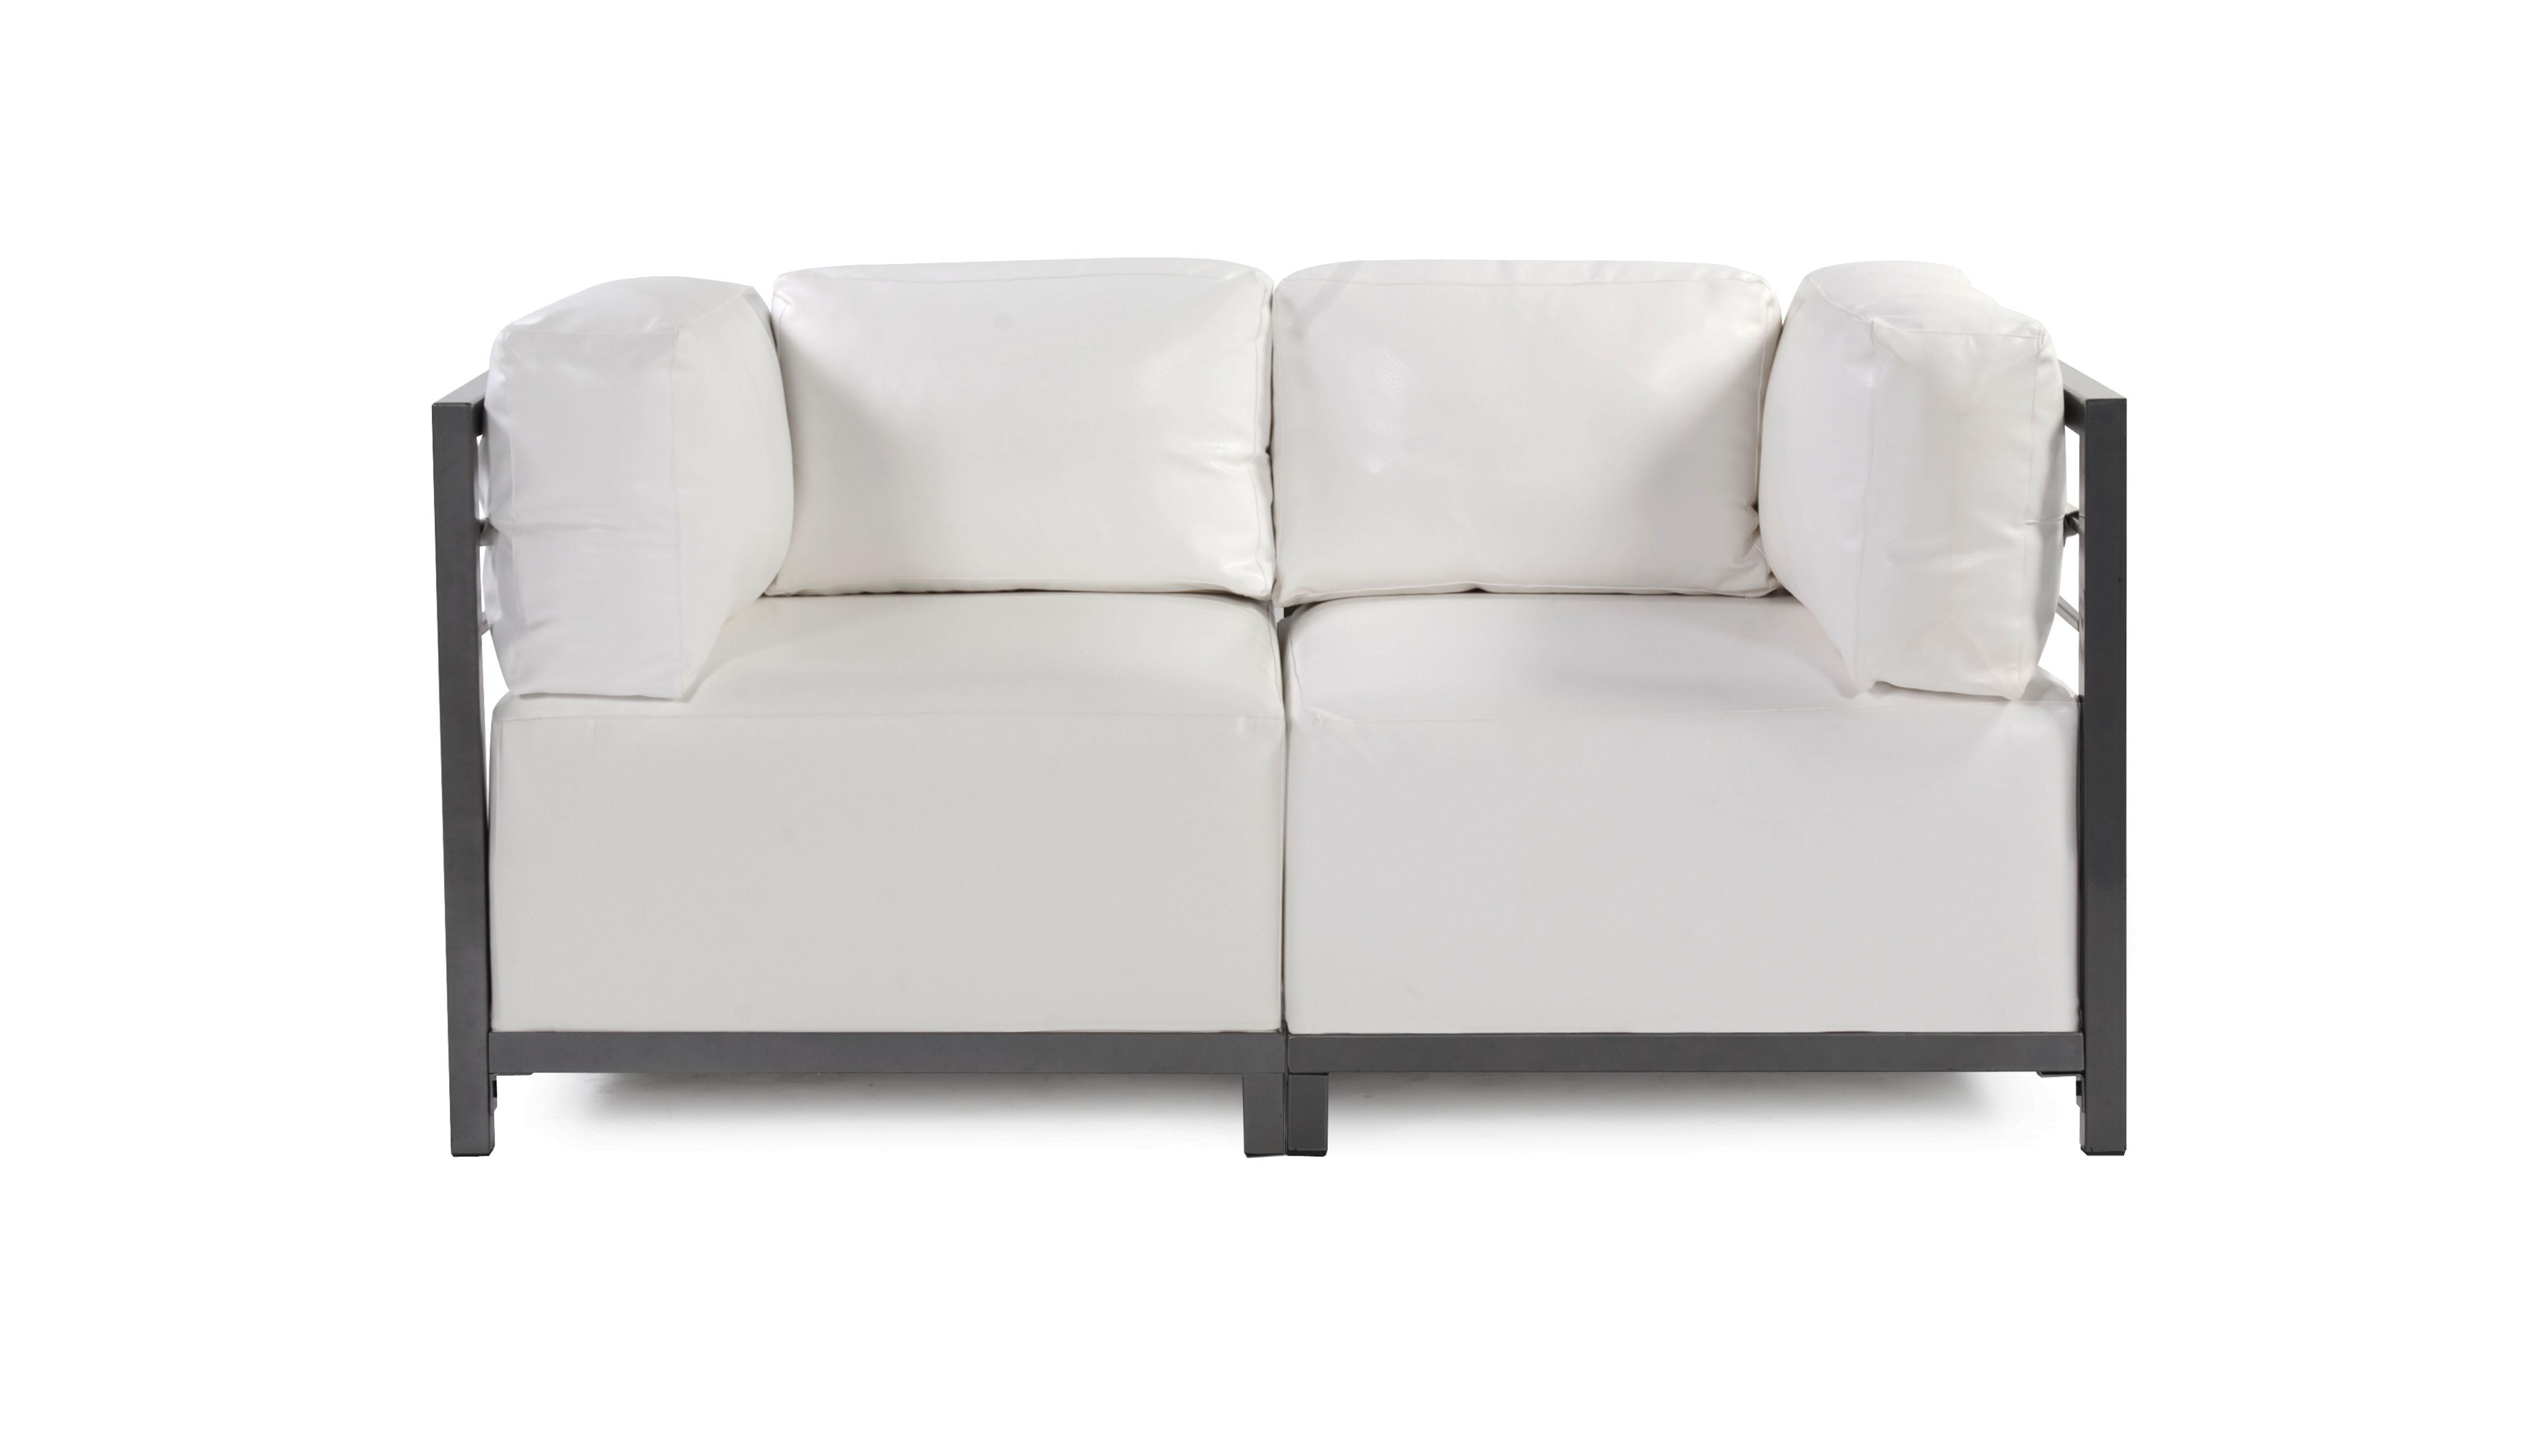 Lounge Sofa 2 Piece Atlantis White Vinyl Arizona Party